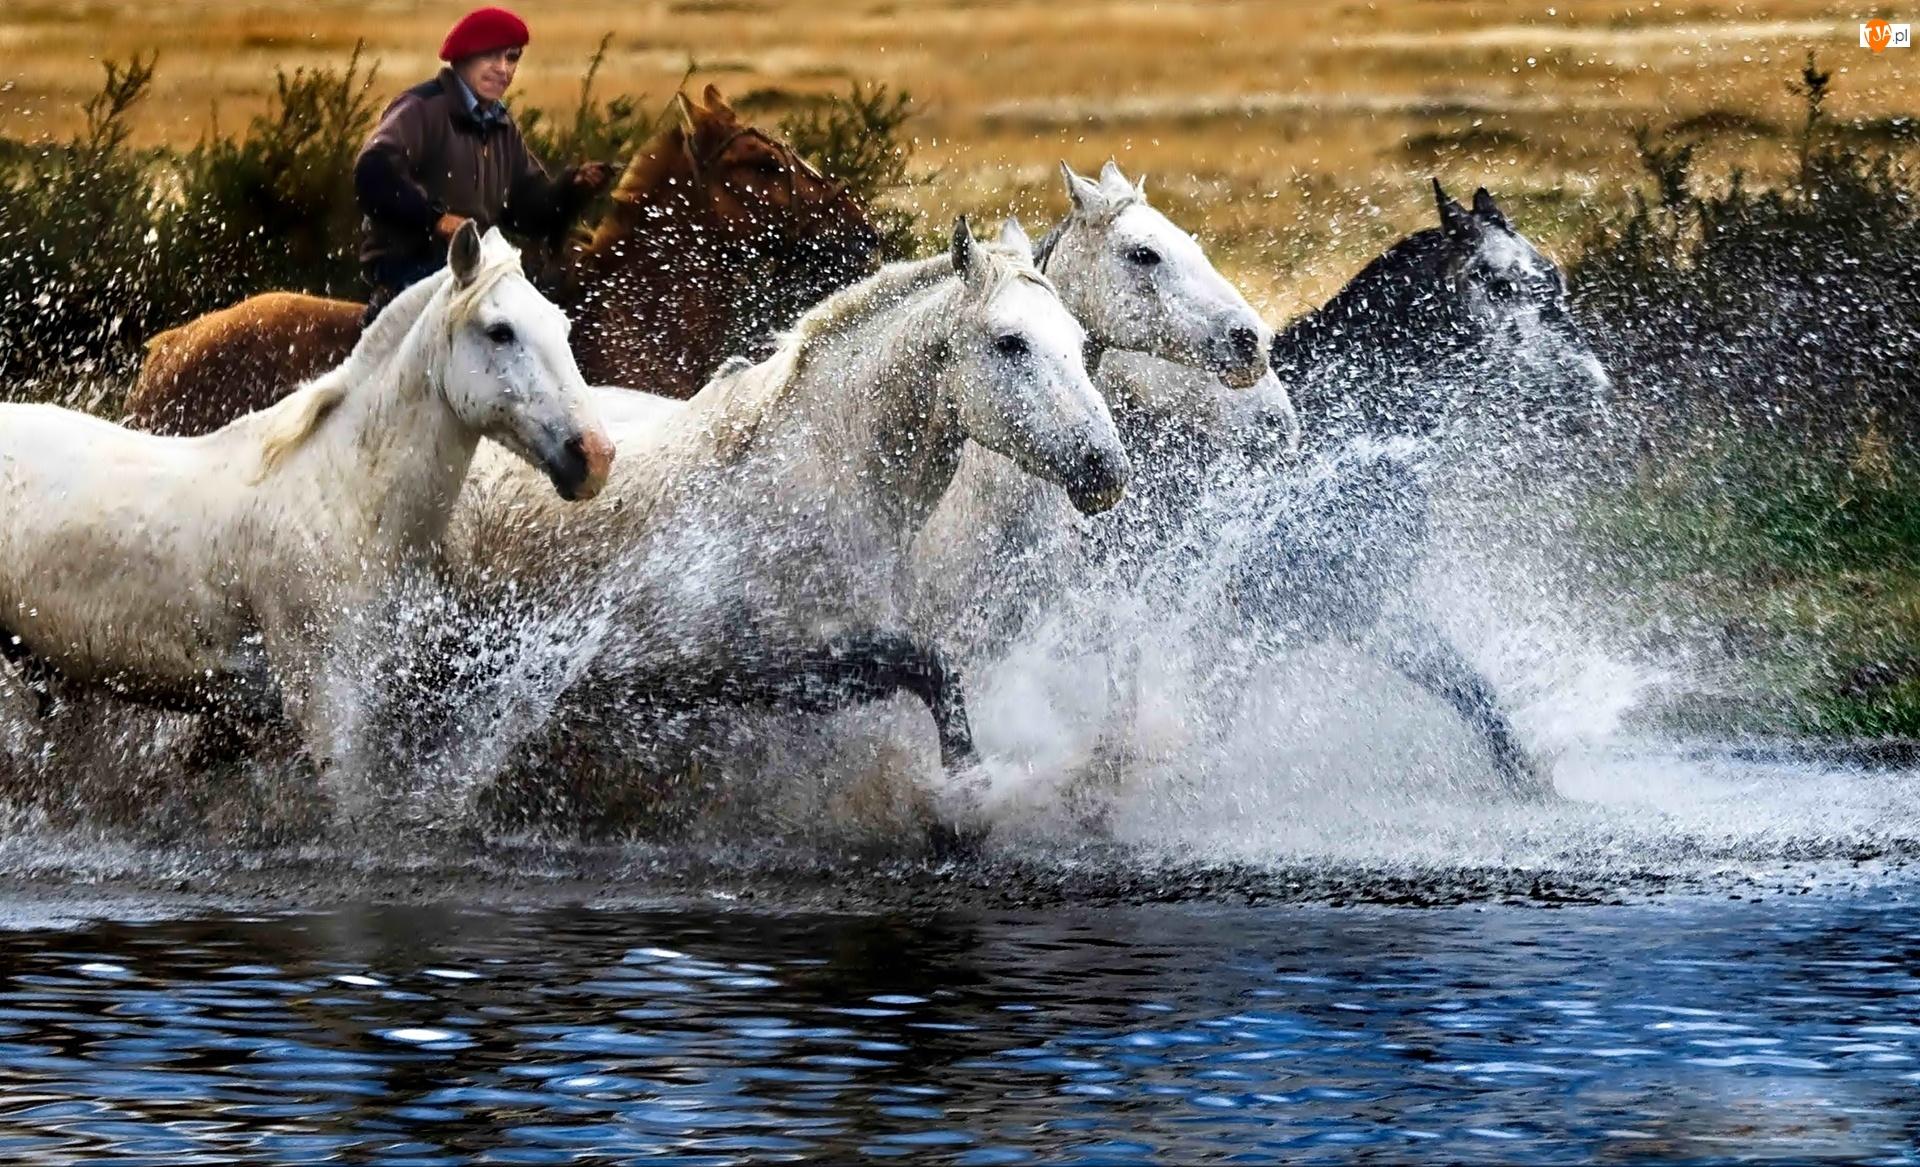 Konie, Woda, Rzeka, Rozbryzgująca